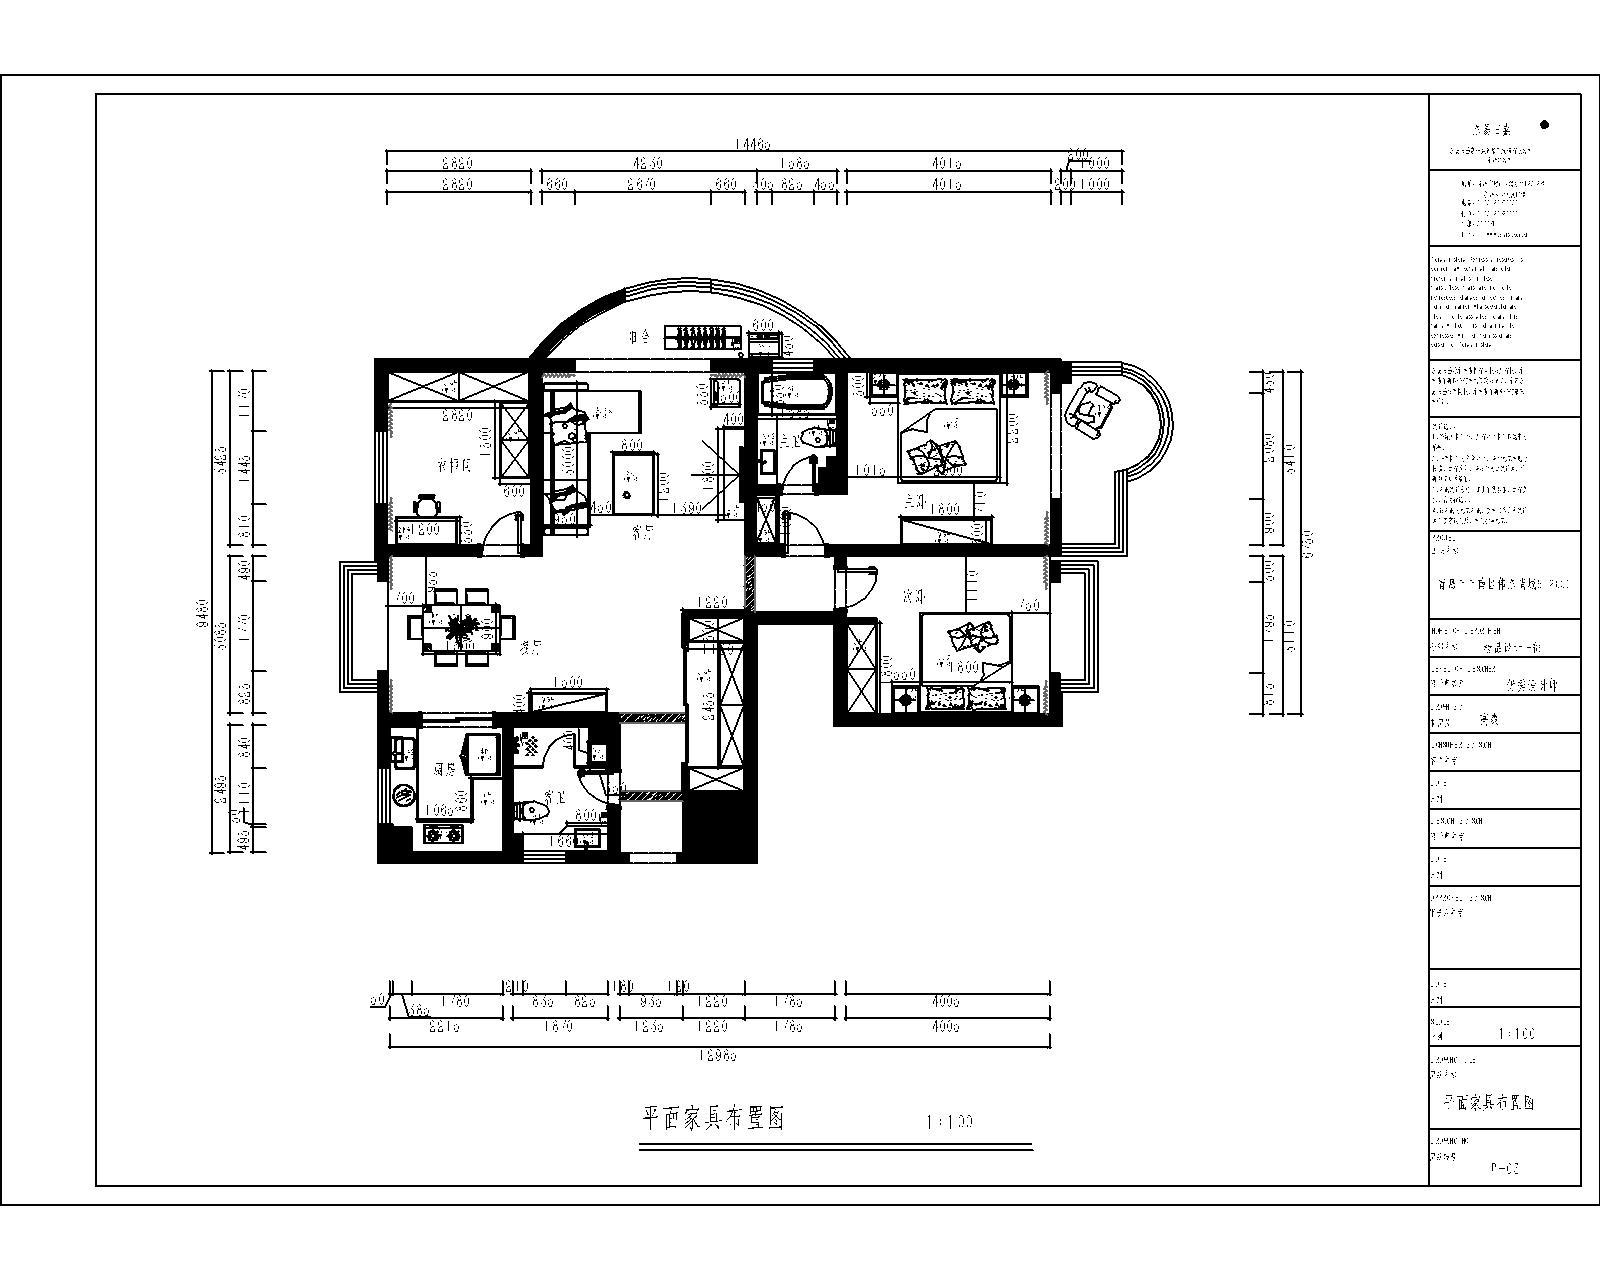 伟东尚城 143㎡ 现代风格装修设计理念